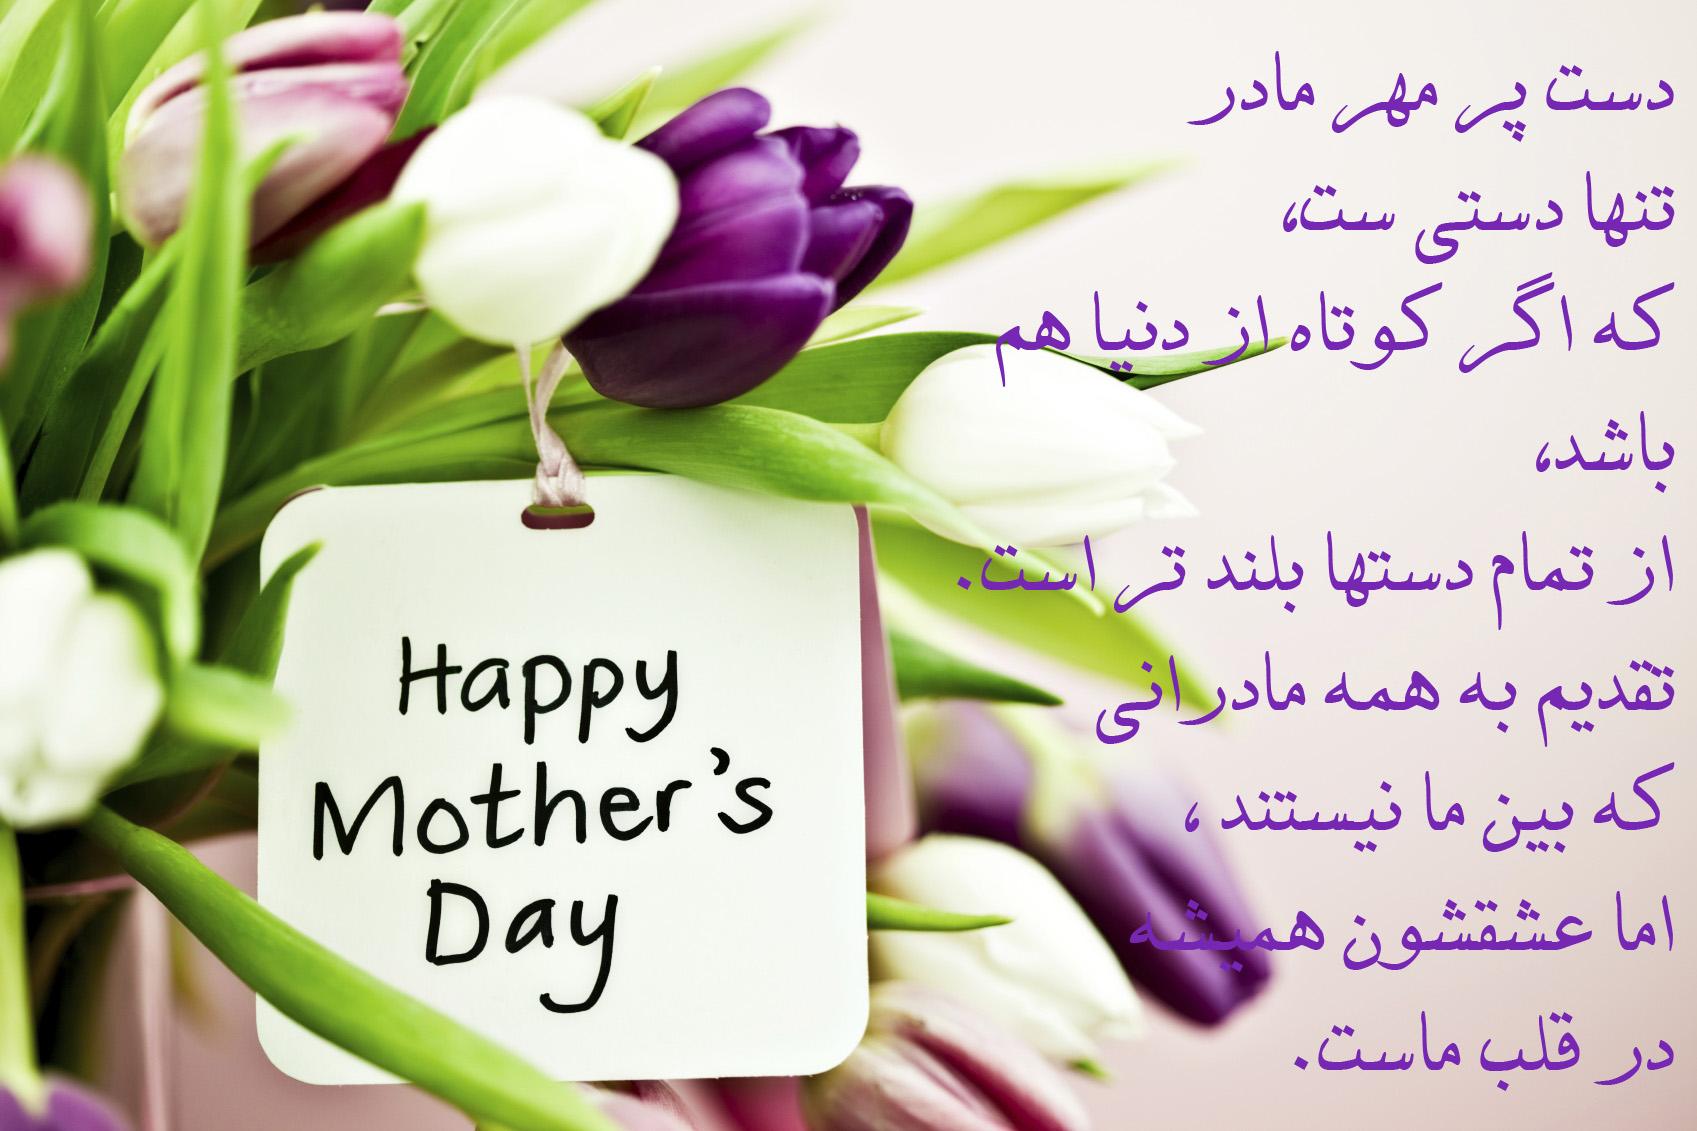 اس ام اس تبریک روز مادر